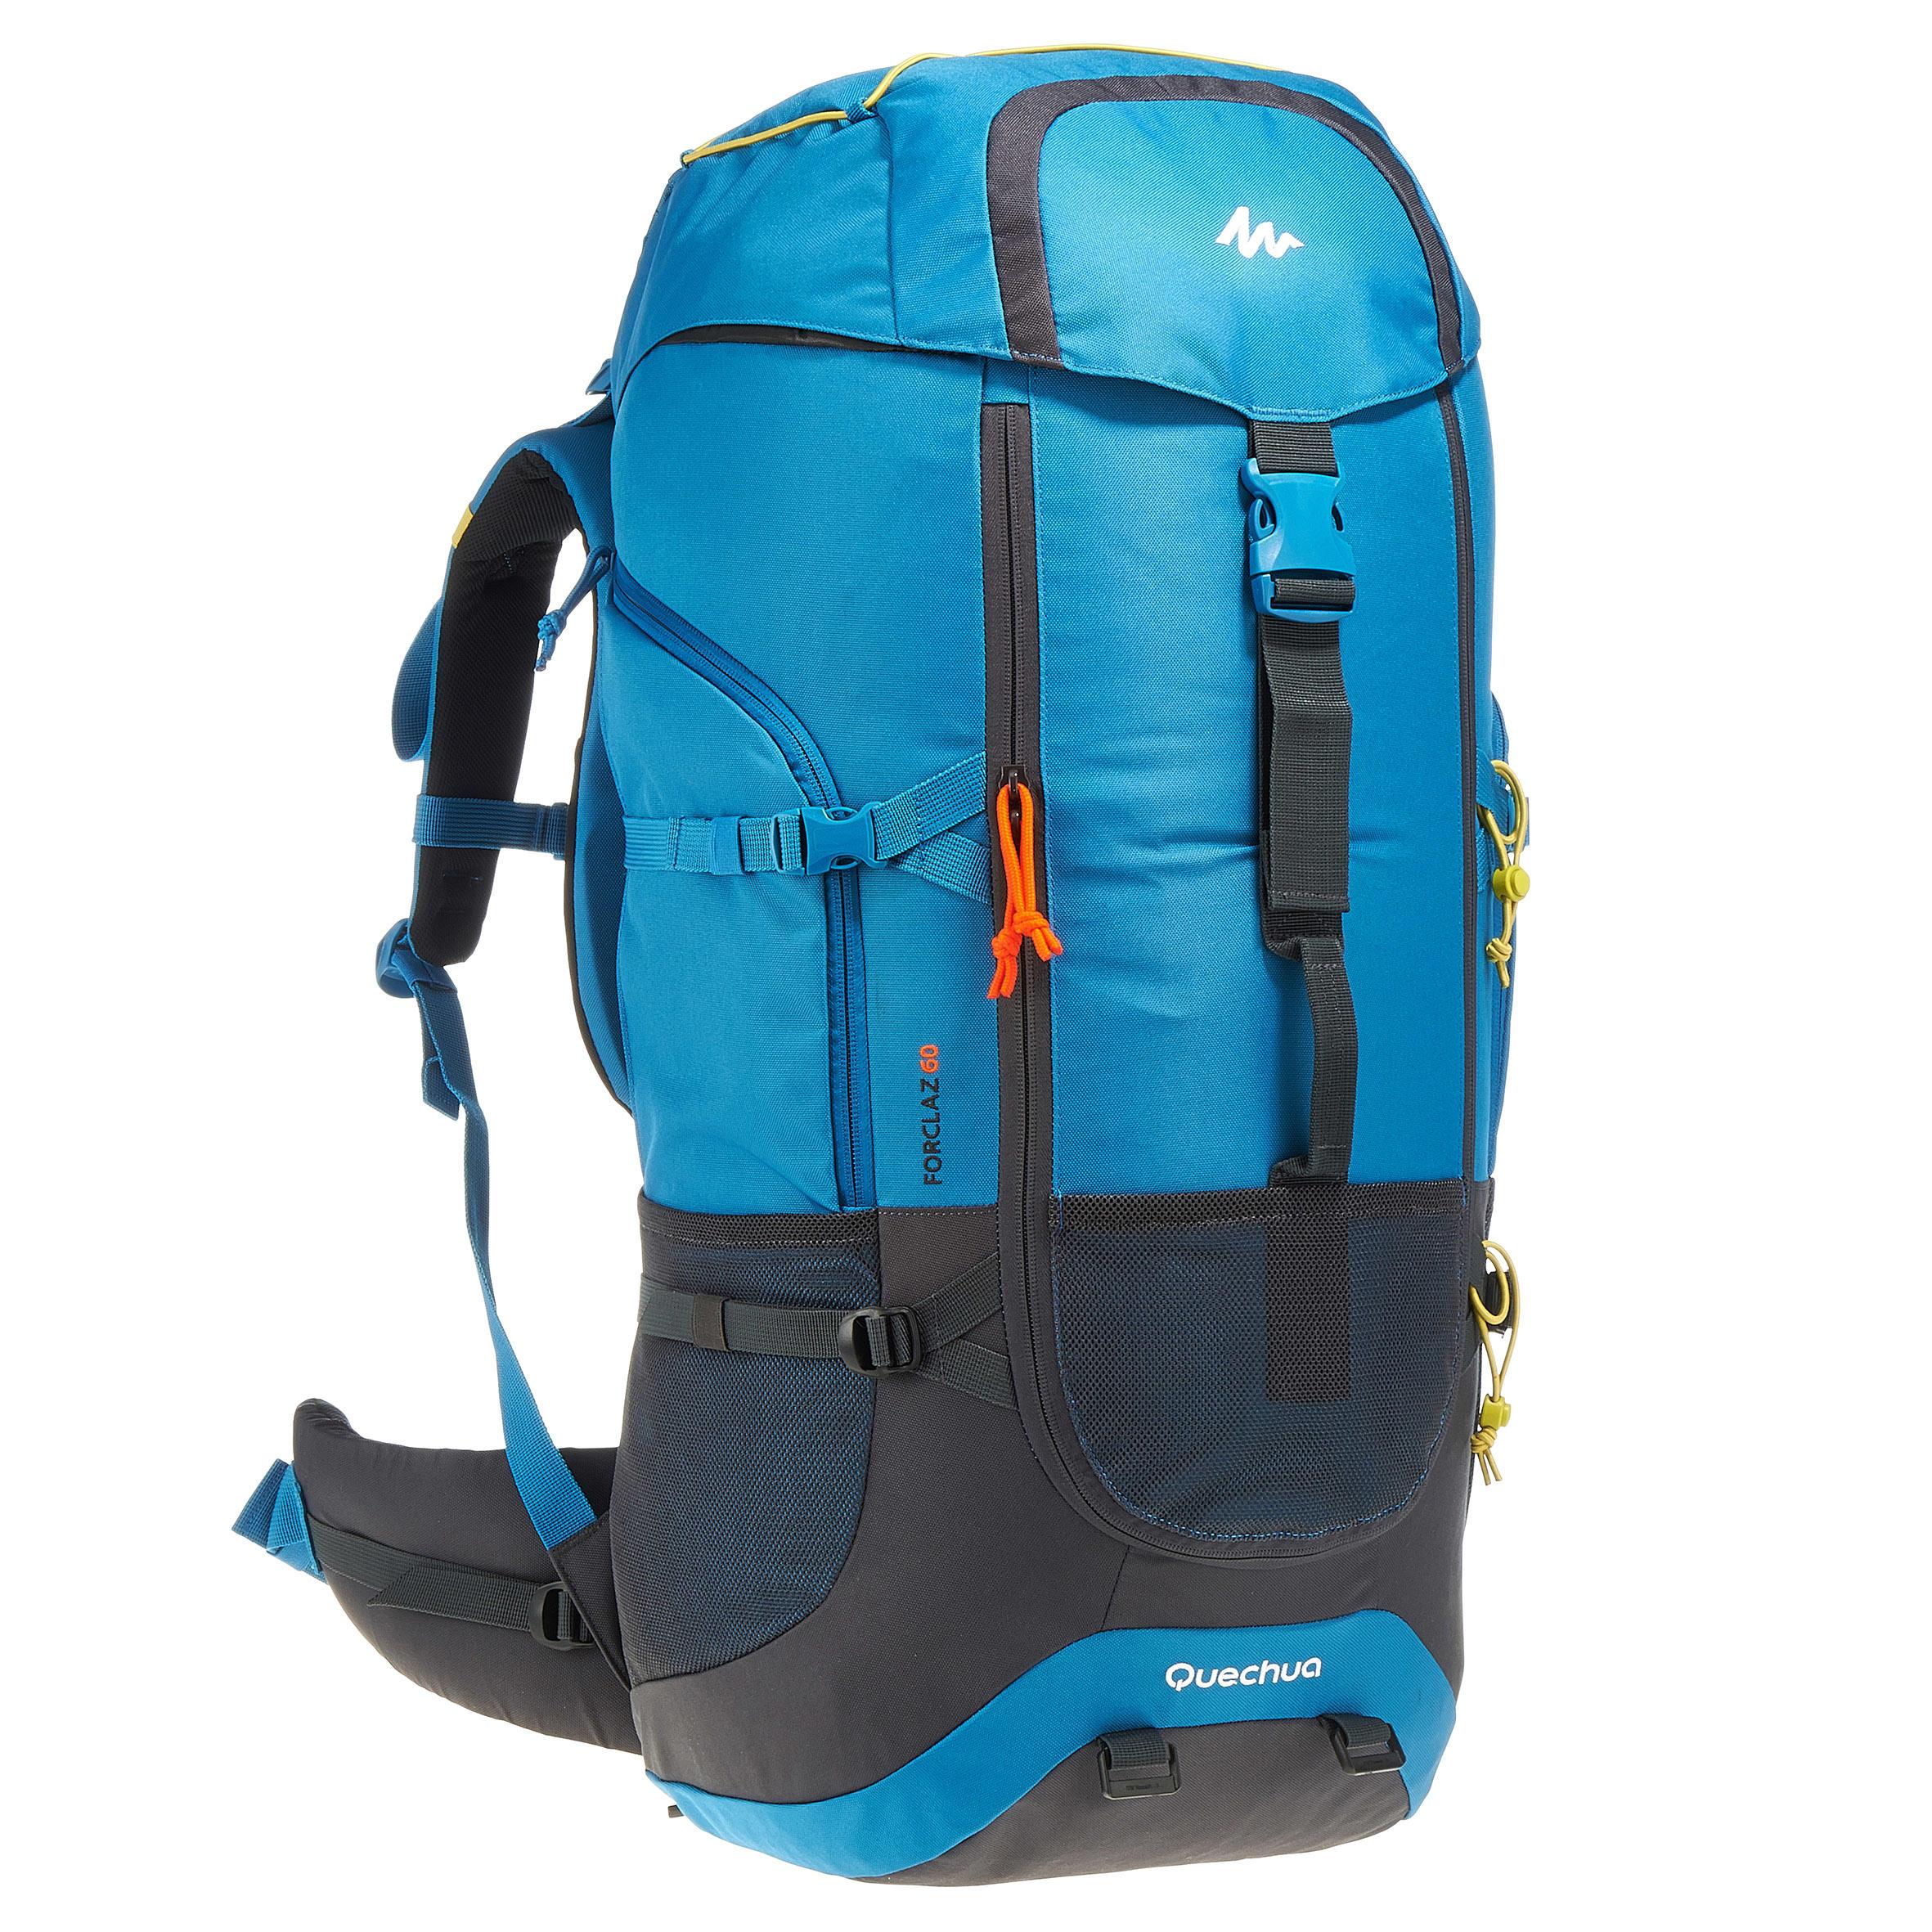 4737e970e06 Quechua Trekrugzak Forclaz 60 liter | Decathlon